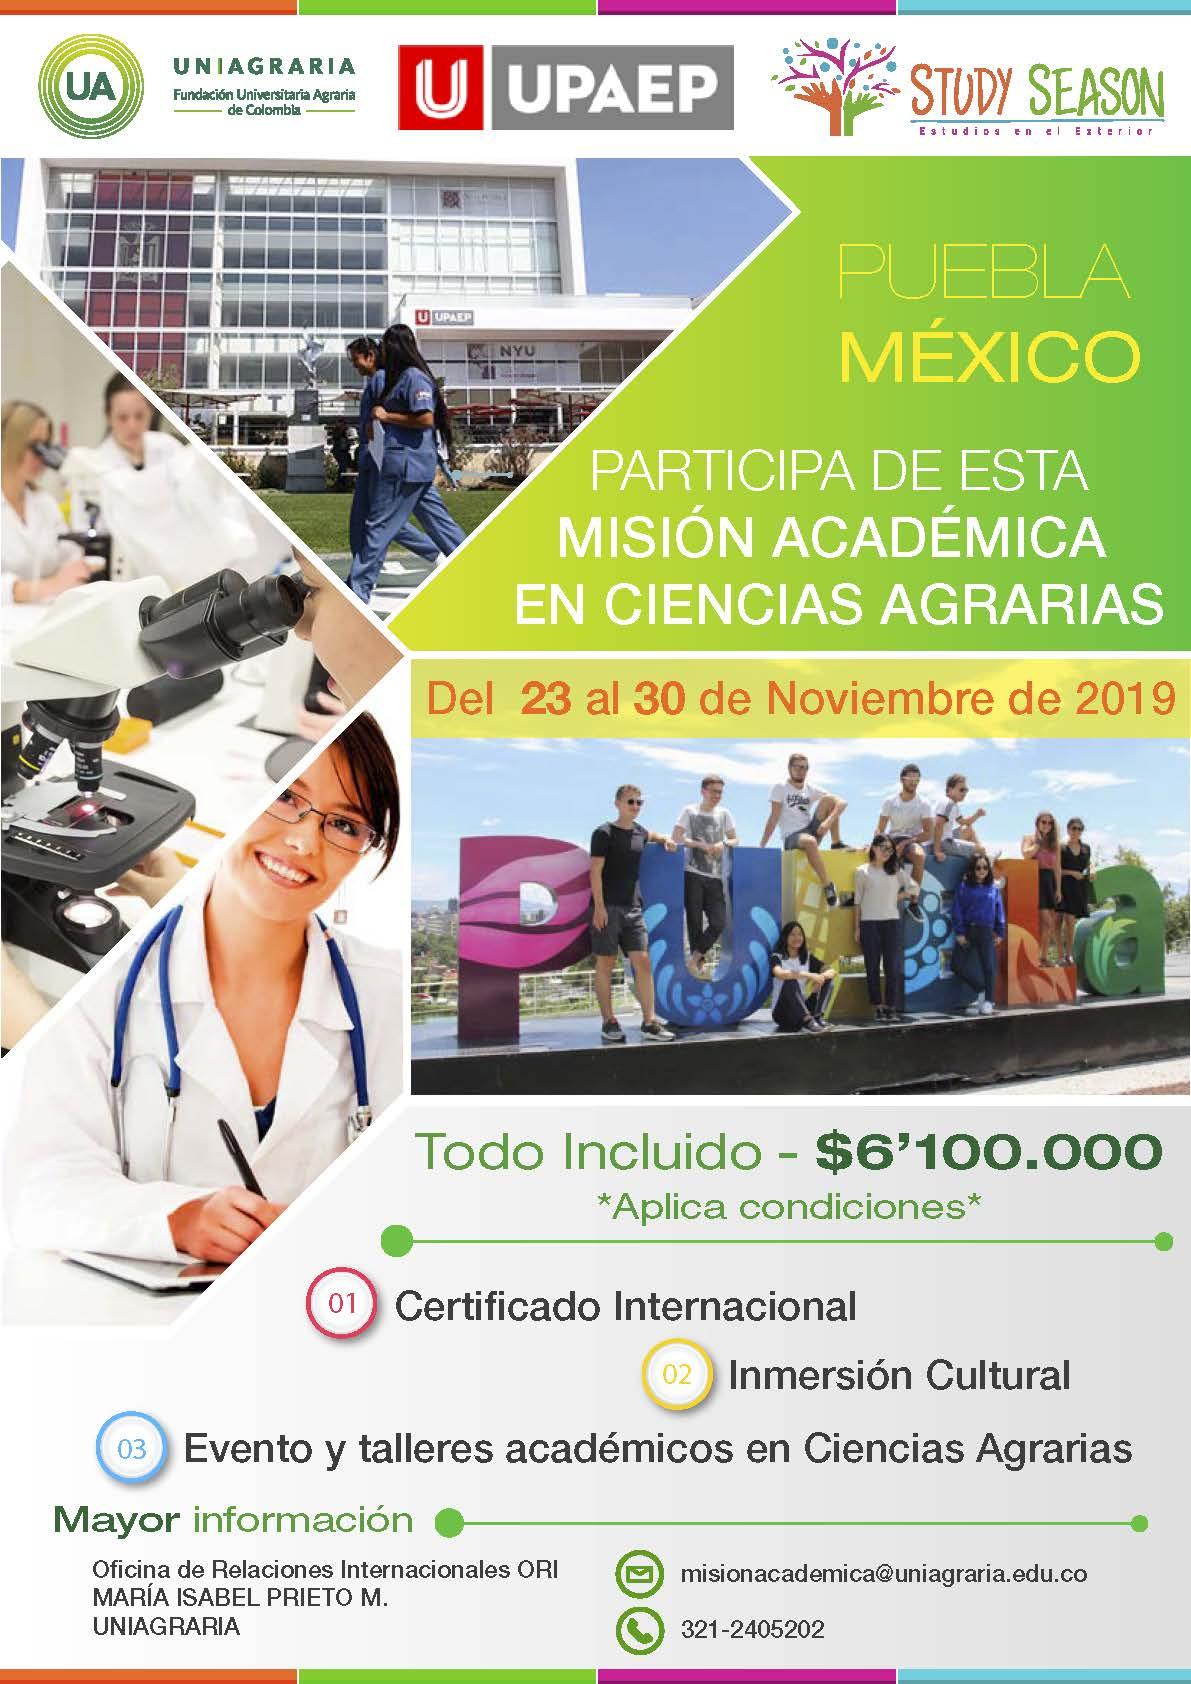 Misión académica para Ingenierías – Puebla Mexico